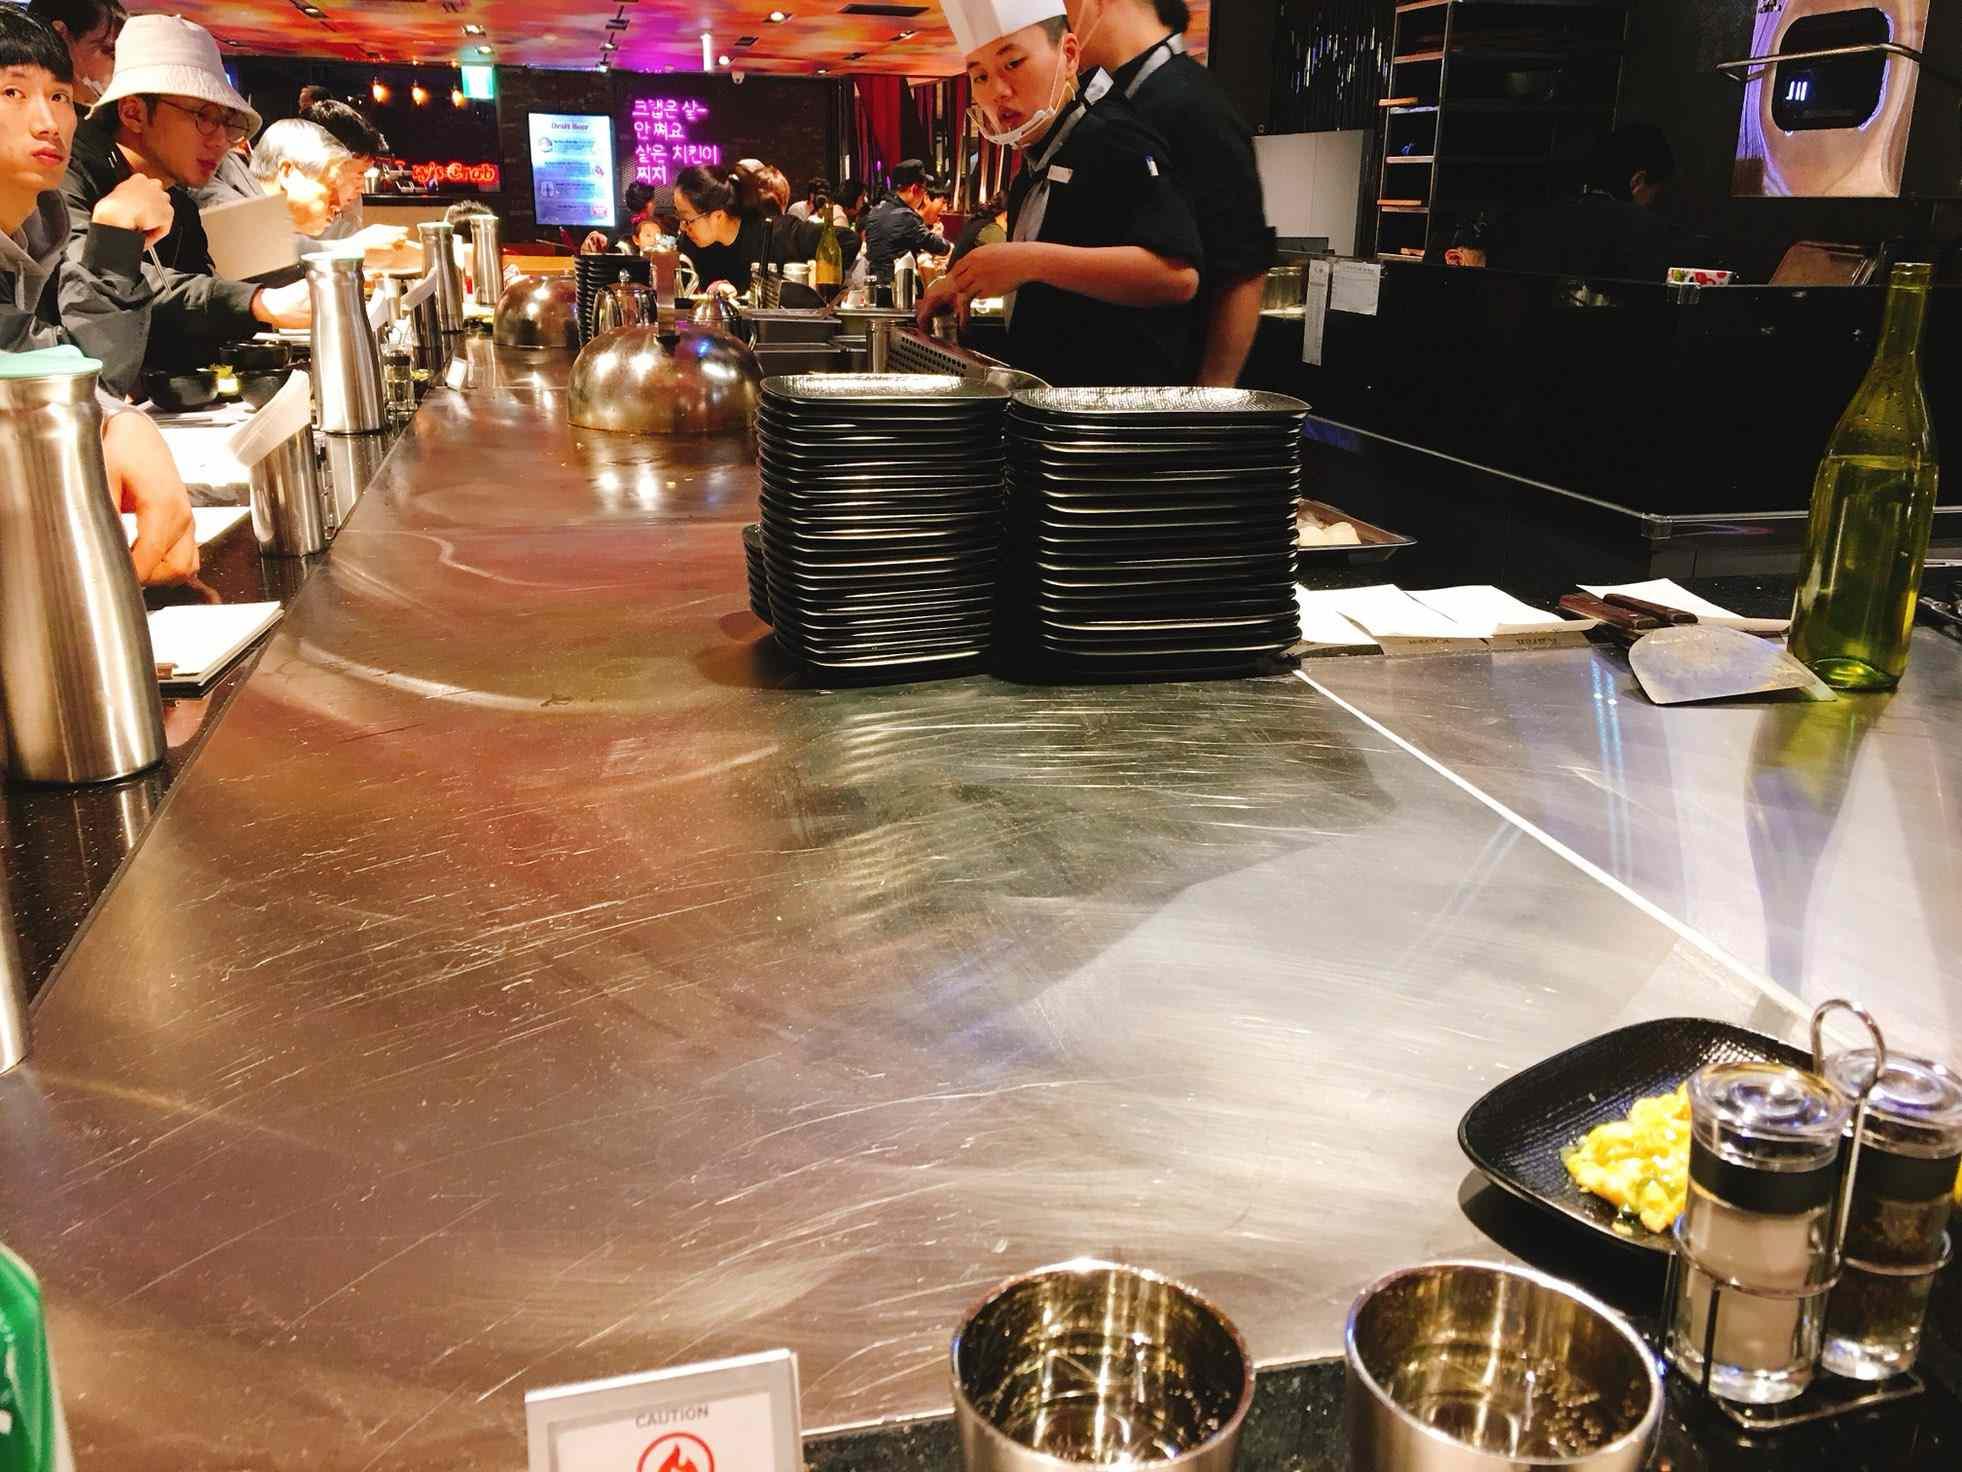 有吧檯的座位和旁邊一般的座位席,想看廚師做鐵板料理的話可以選擇吧台這裡喔!還可以跟台灣服務生聊聊天XD廚師做好餐點會直接推到你面前~